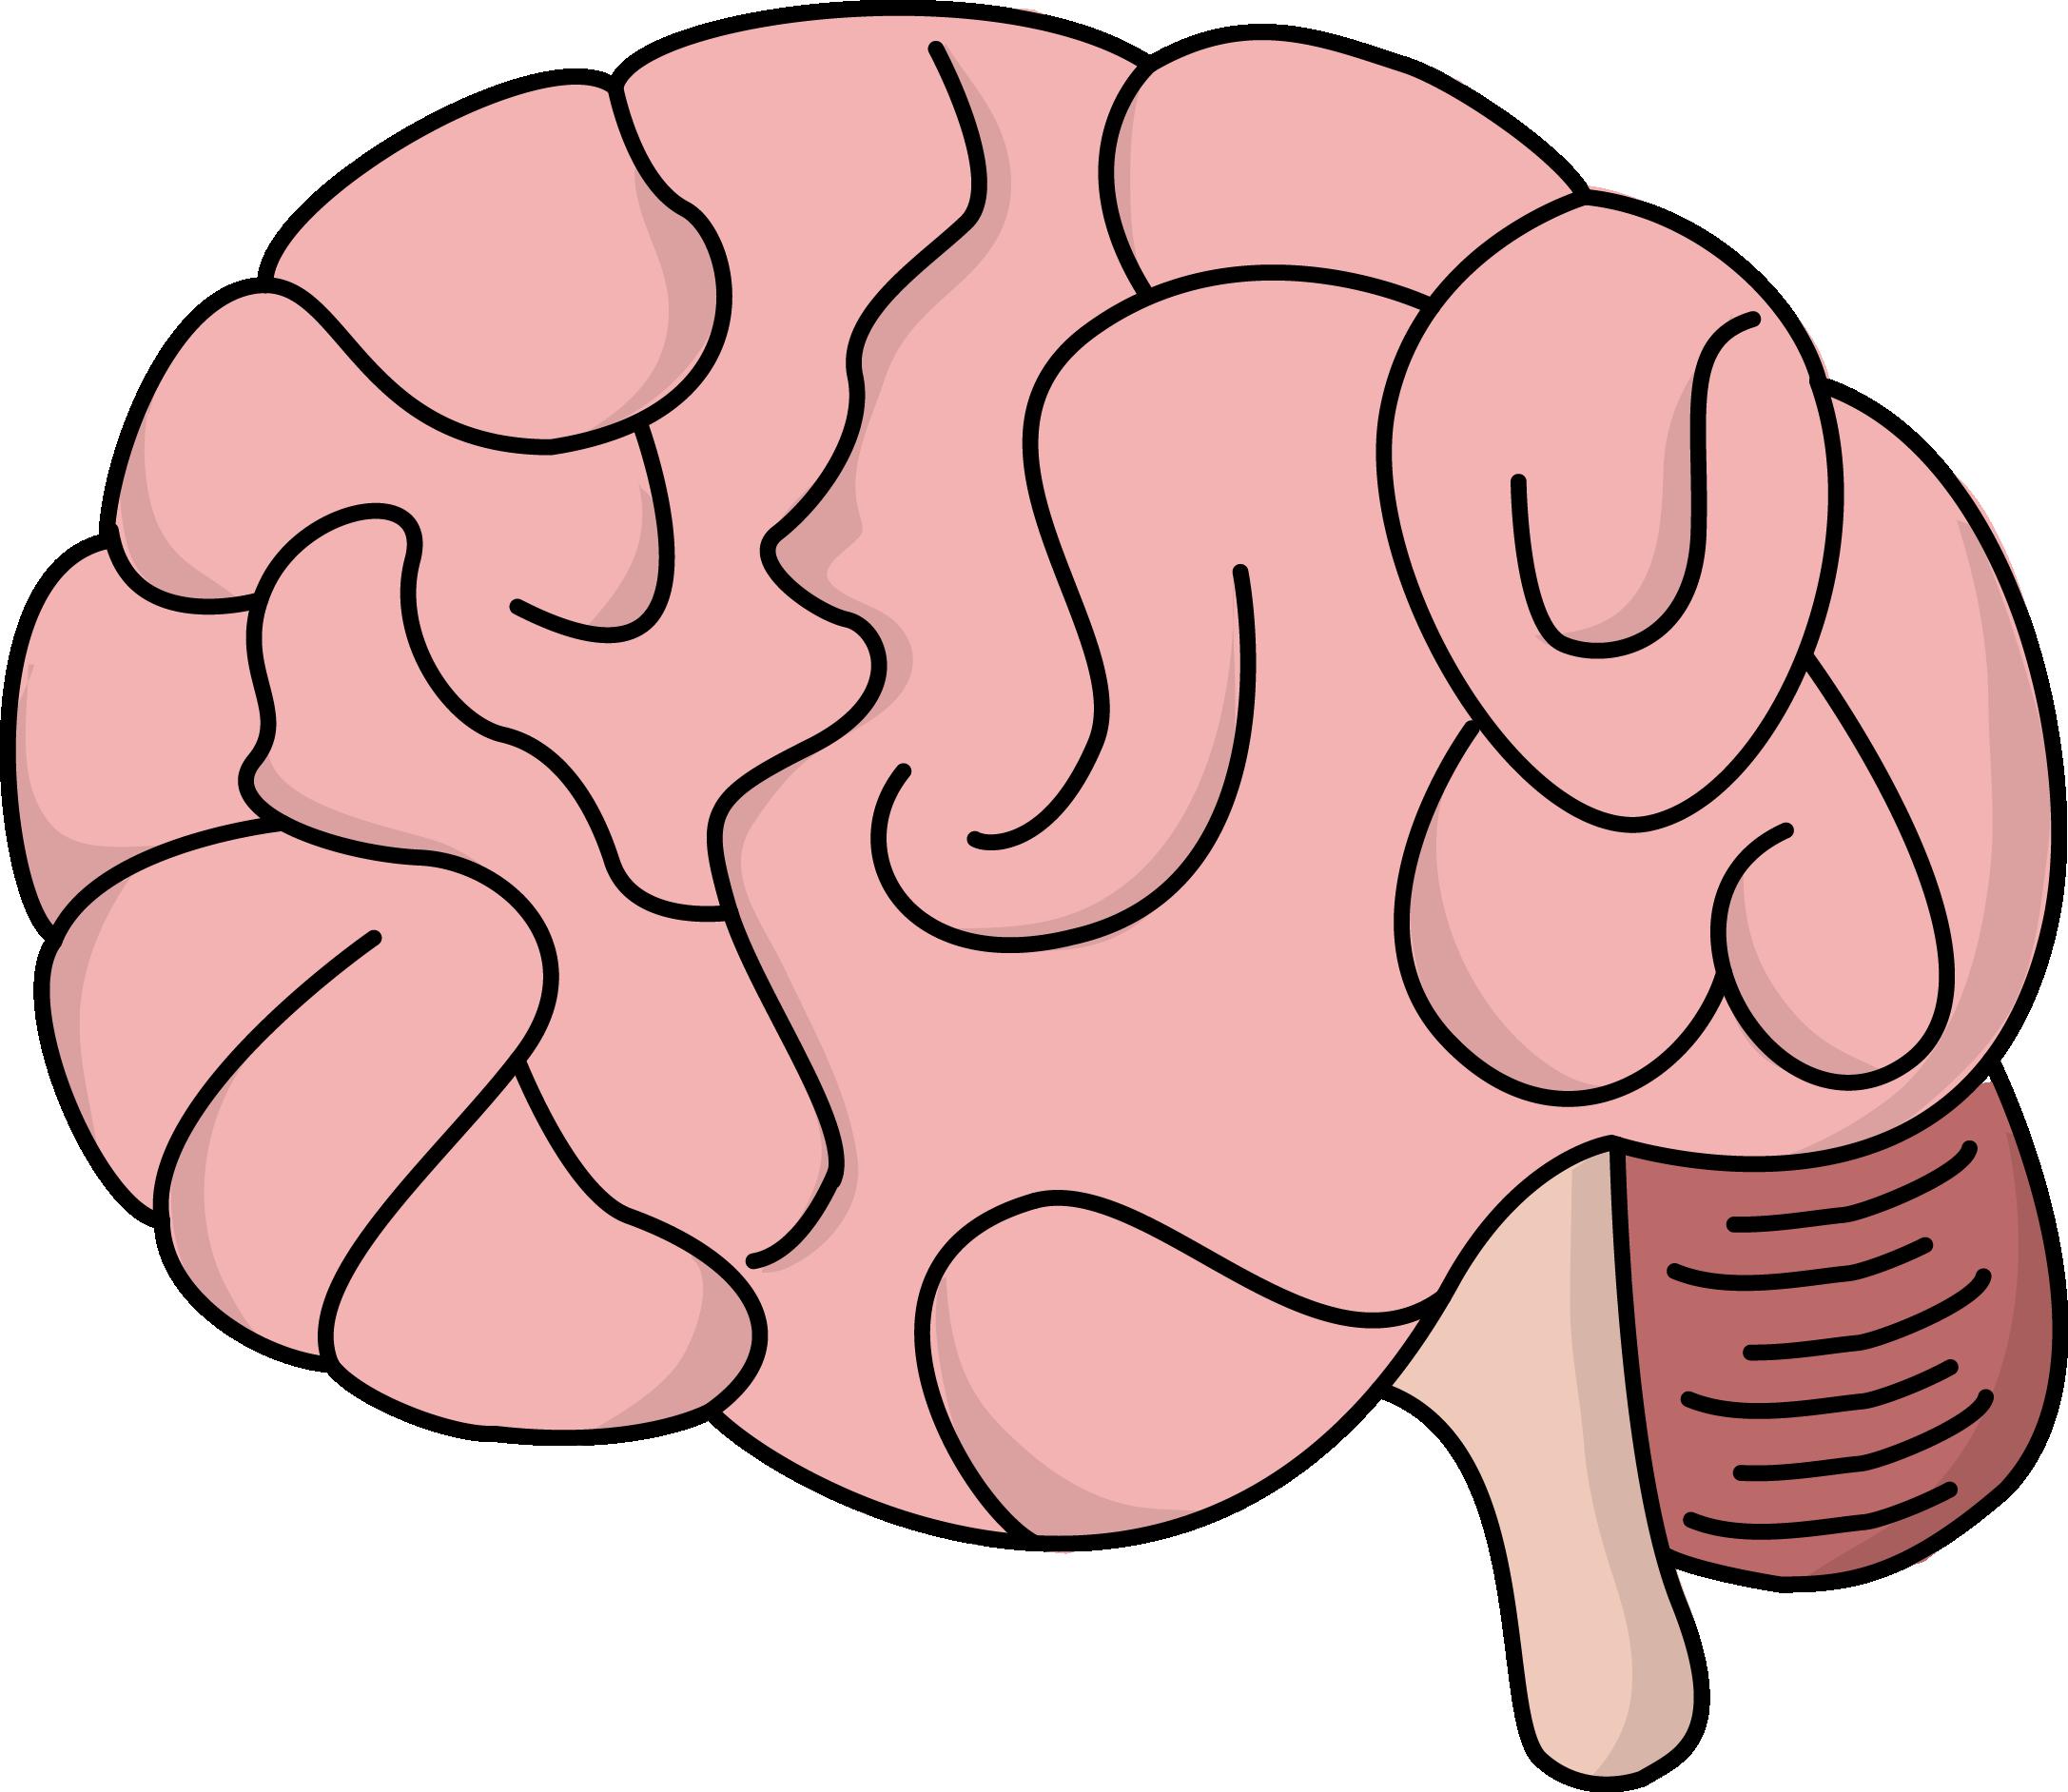 Brain clipart #733 Brain art — Clipart